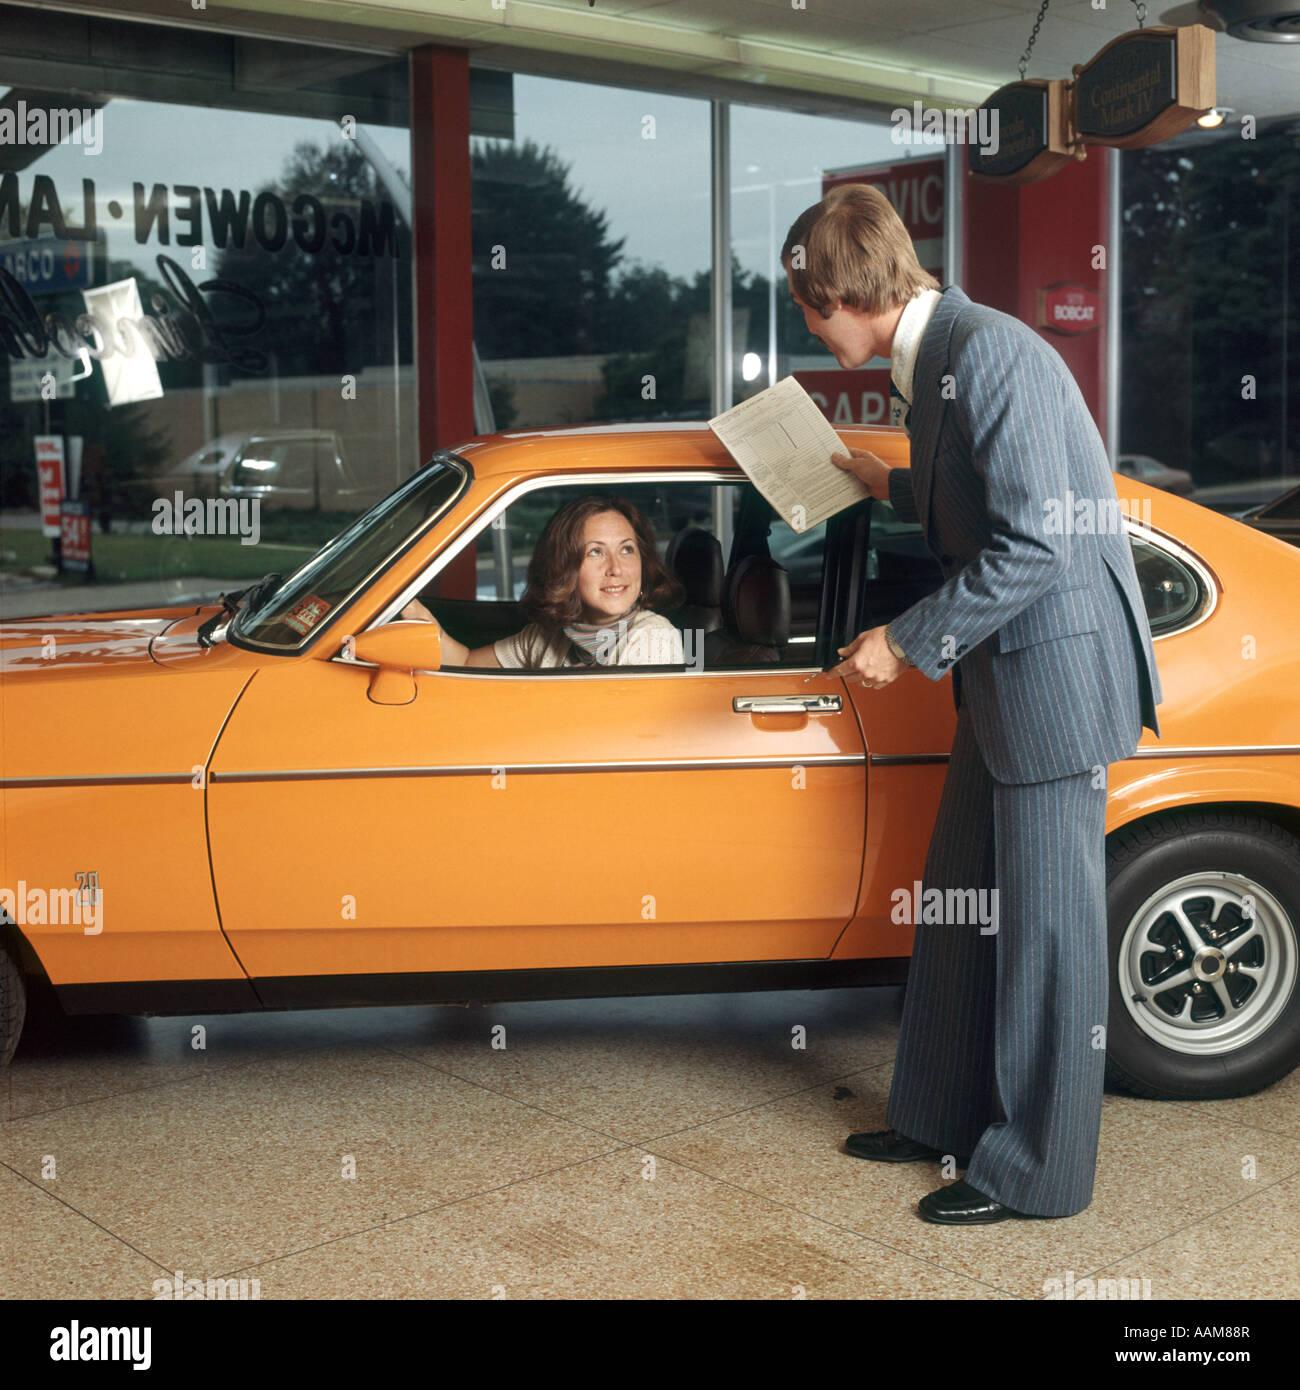 Donna Alla Guida Di Auto Di Colore Arancione Come Ottenere